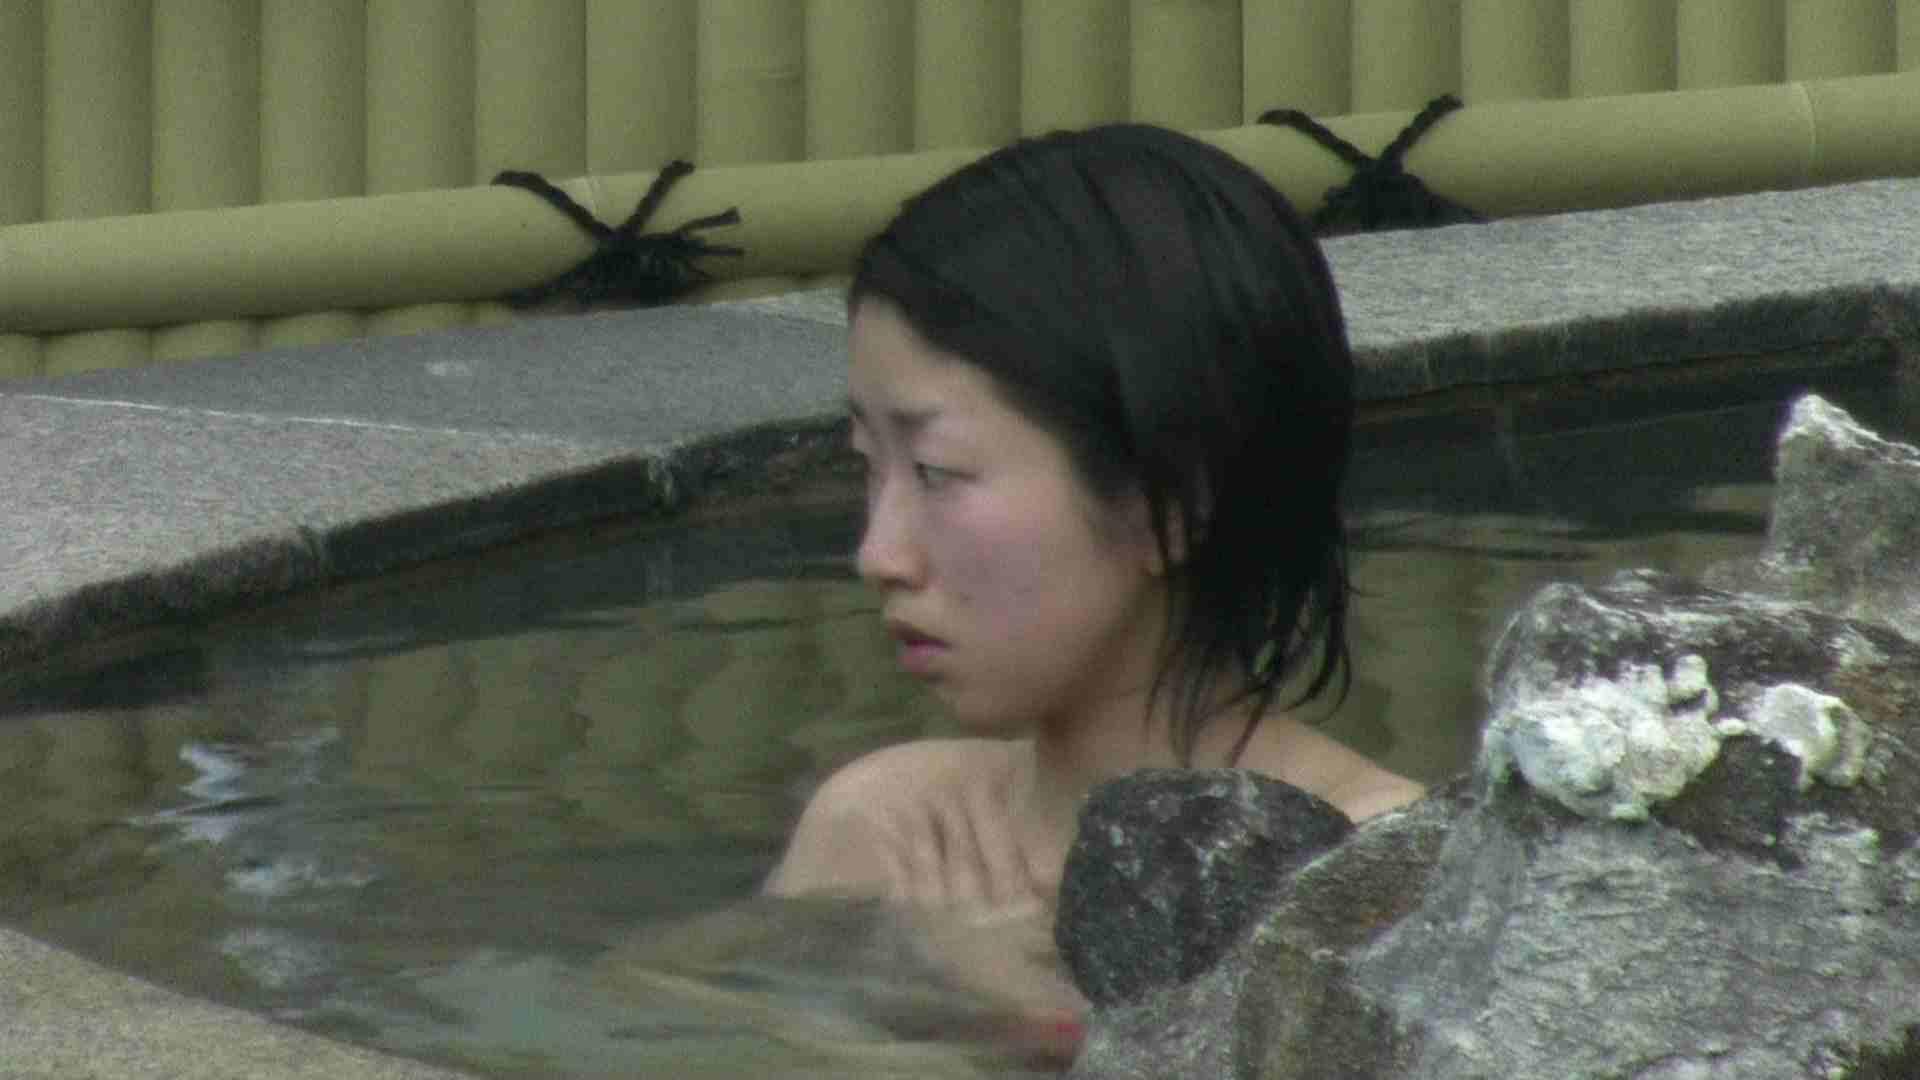 Aquaな露天風呂Vol.133 盗撮 | 露天  109枚 16